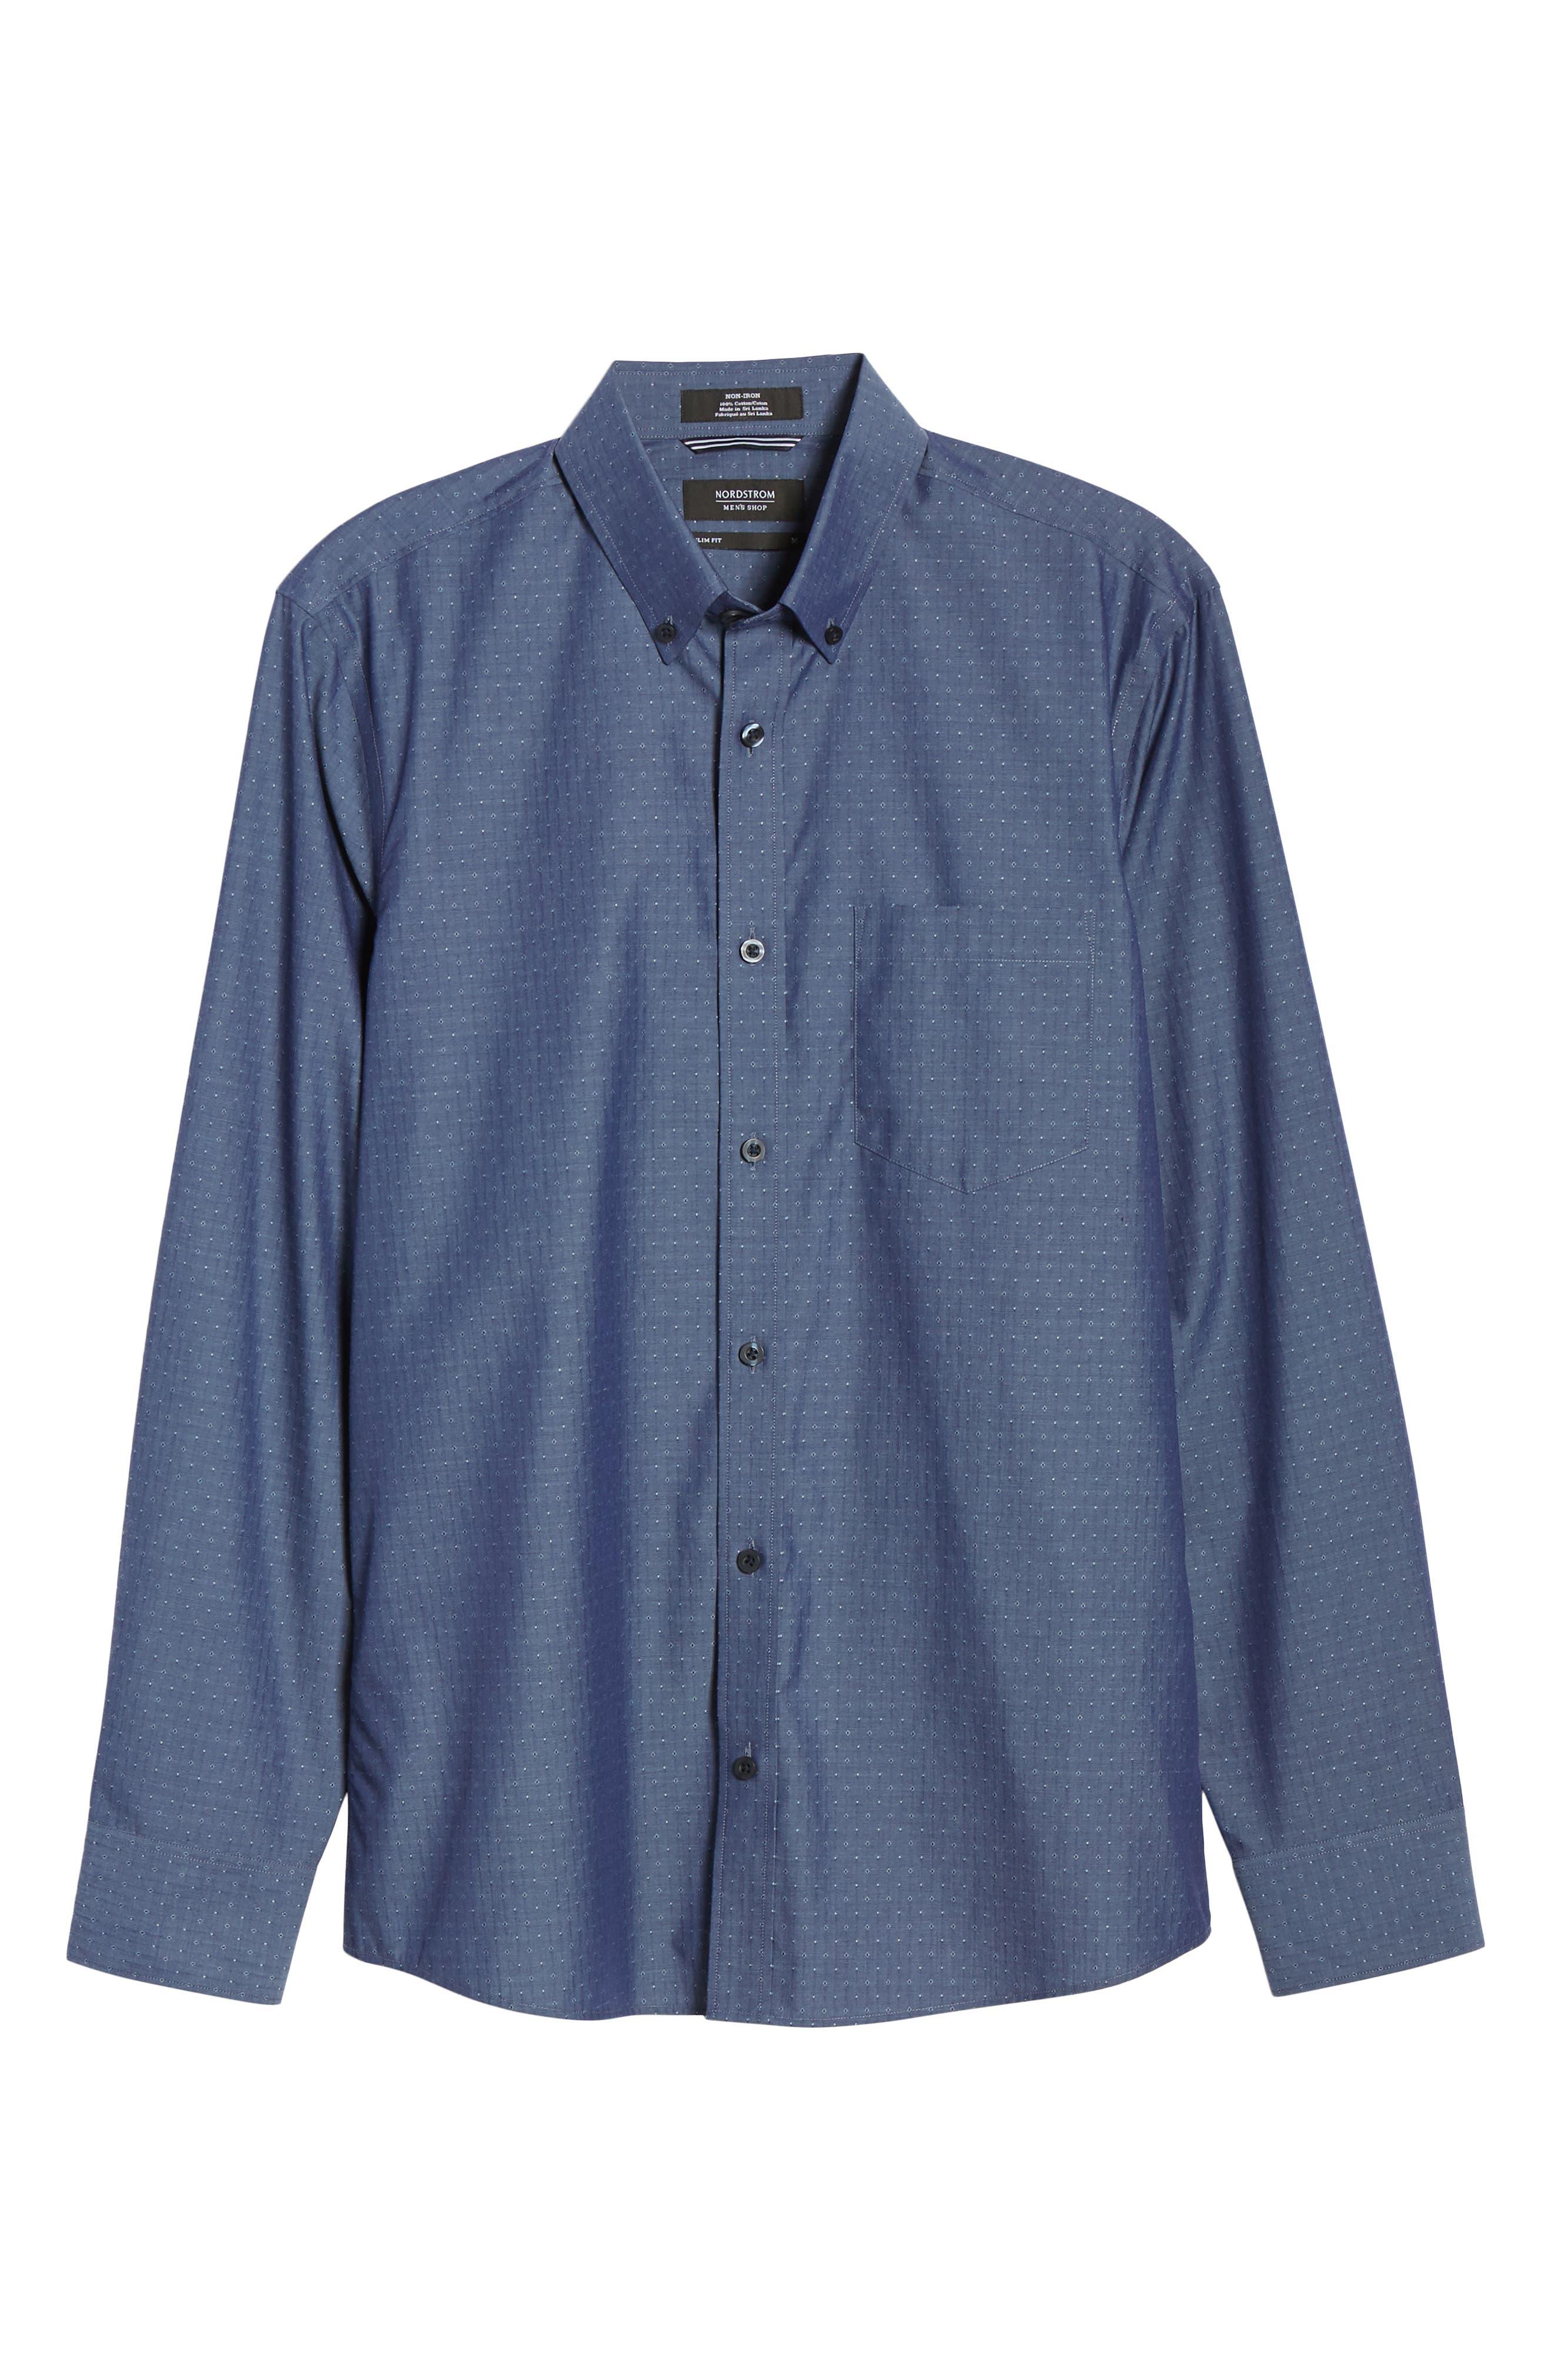 NORDSTROM MEN'S SHOP,                             Regular Fit Non-Iron Dobby Sport Shirt,                             Alternate thumbnail 5, color,                             NAVY PEACOAT DIAMOND DOBBY